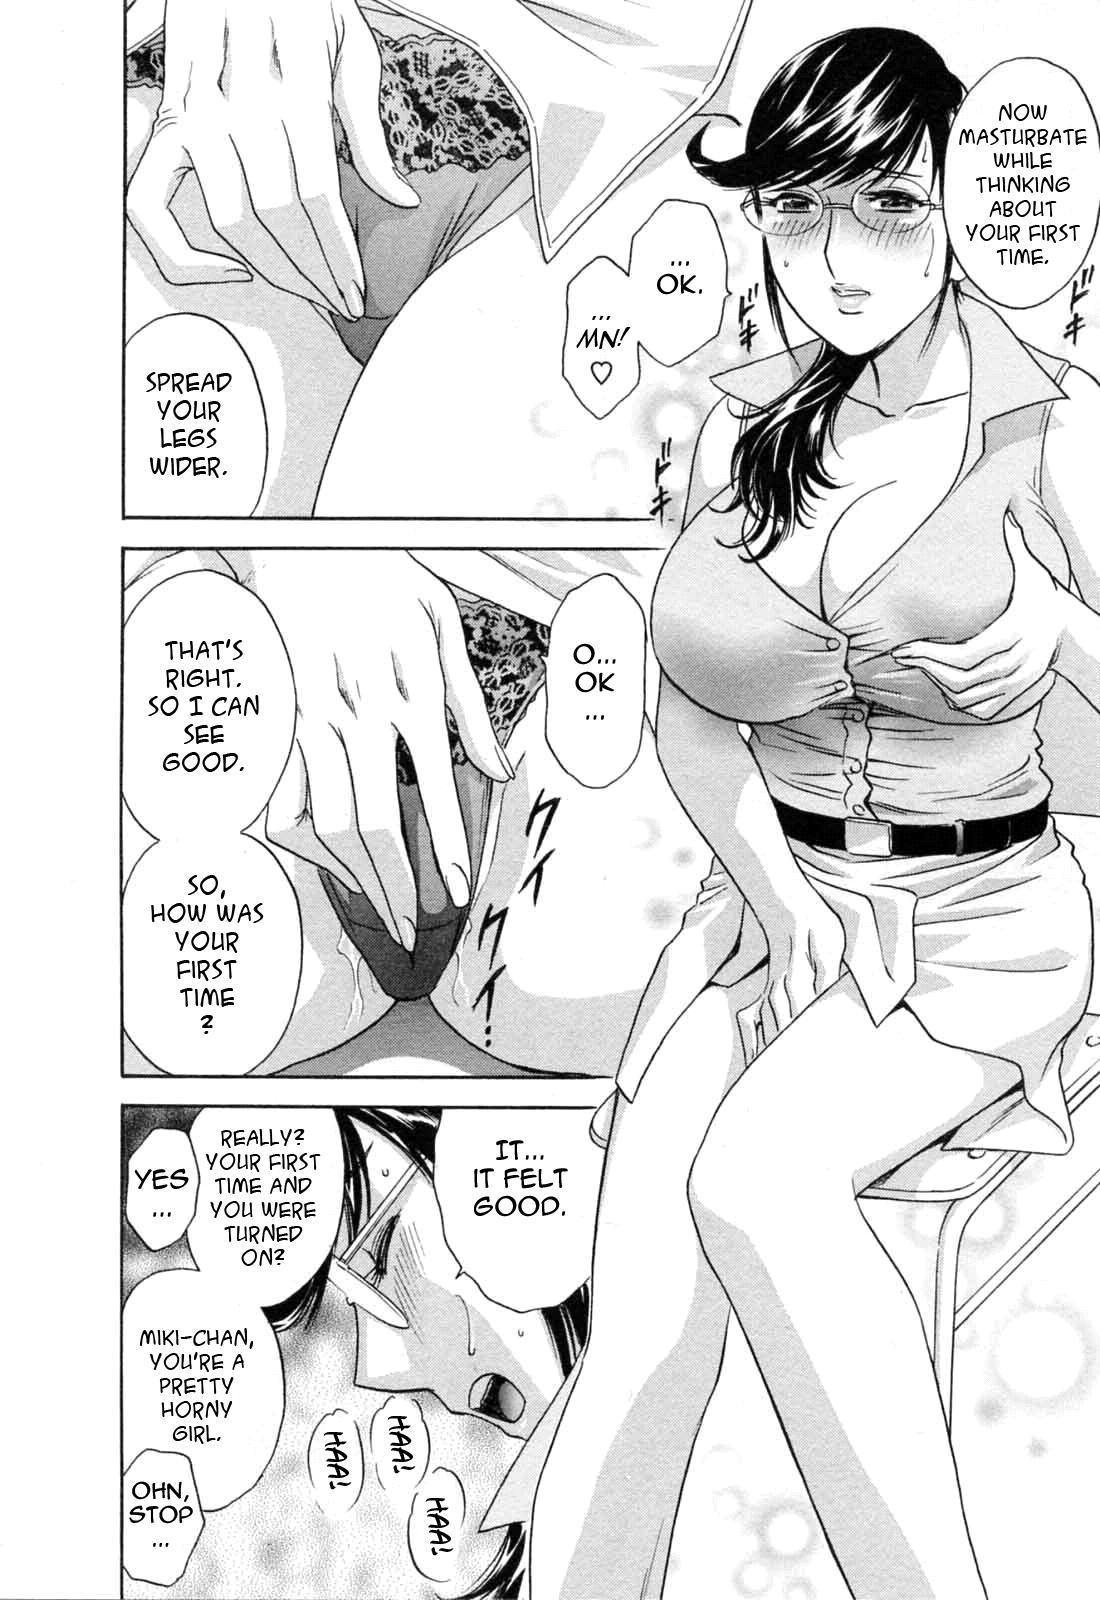 [Hidemaru] Mo-Retsu! Boin Sensei (Boing Boing Teacher) Vol.5 [English] [4dawgz] [Tadanohito] 101